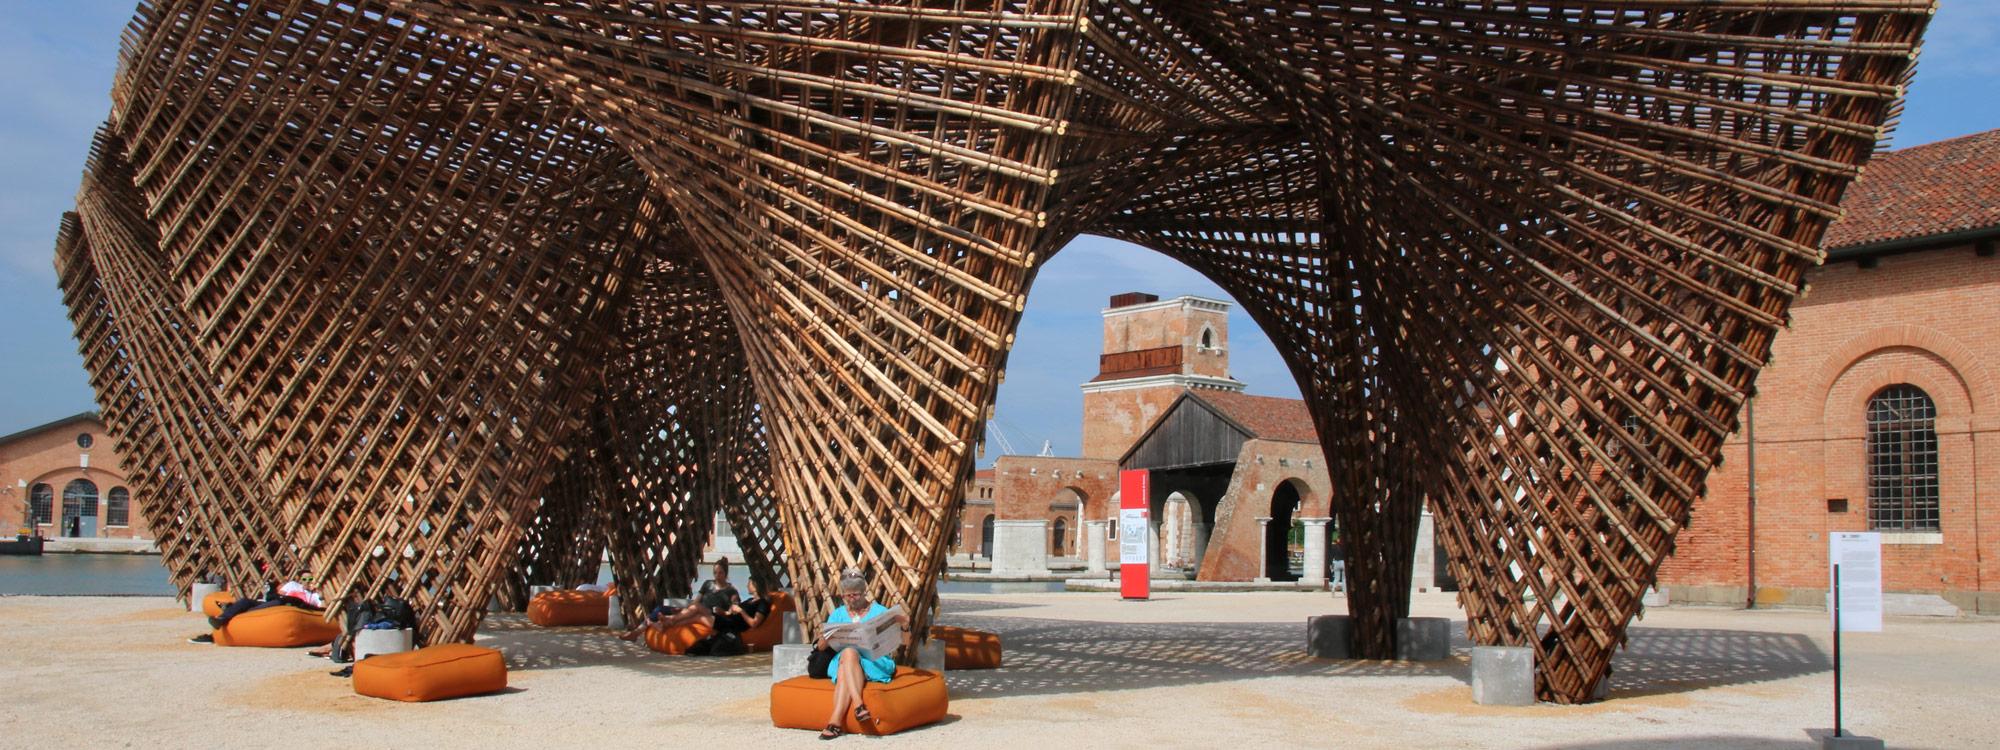 16th Venice Architecture Biennale, 2018